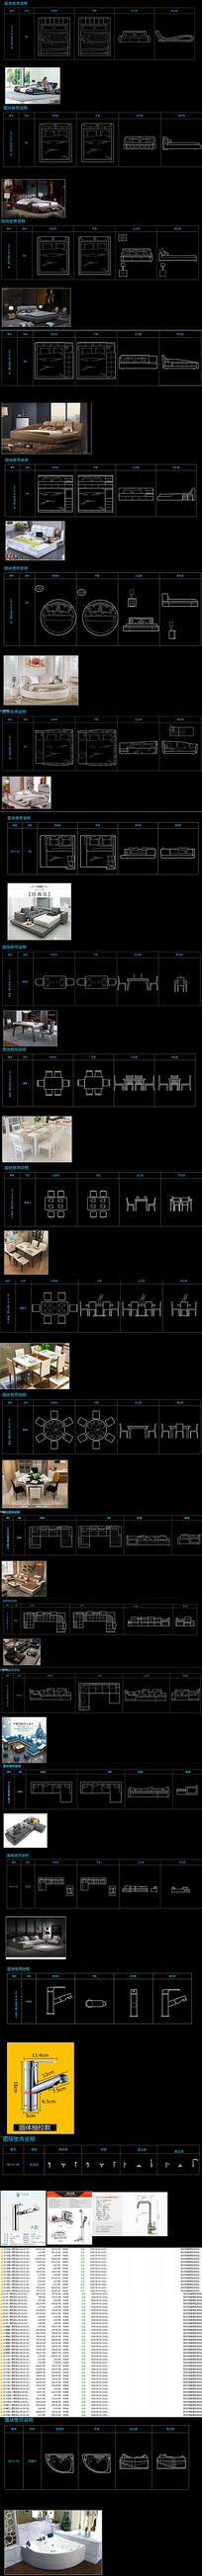 现代风格家居空间CAD动态图库